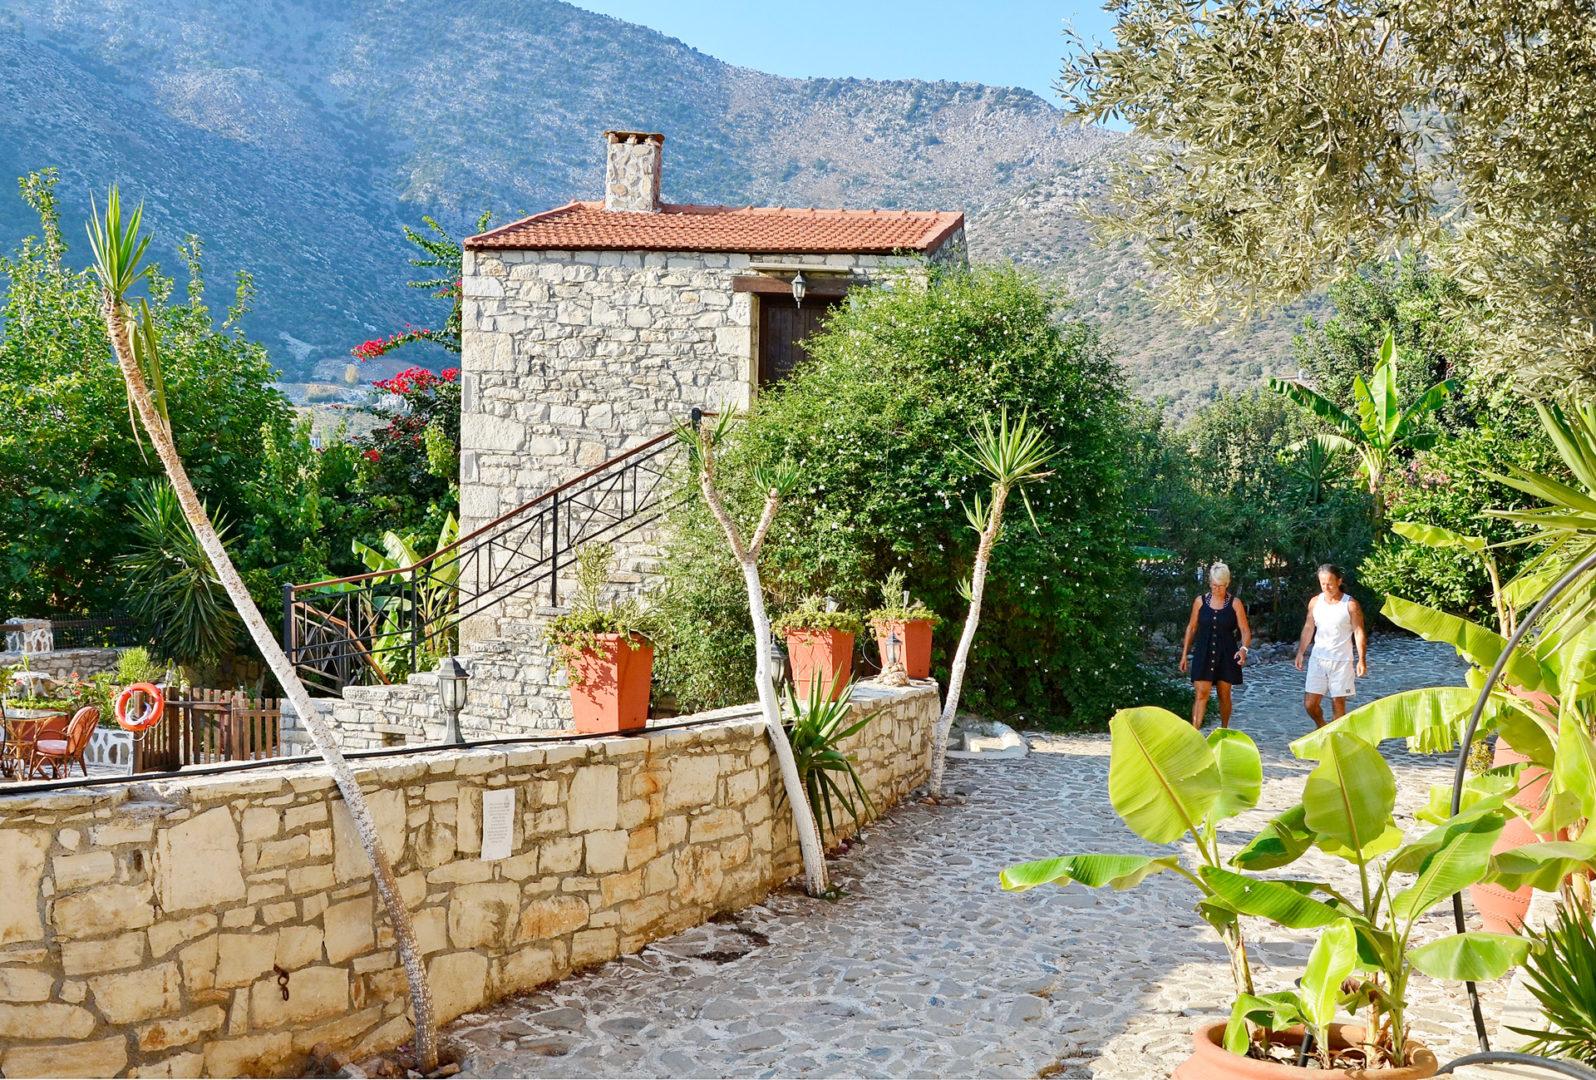 Hotel in Bali Crete - Stone Village - Village 6